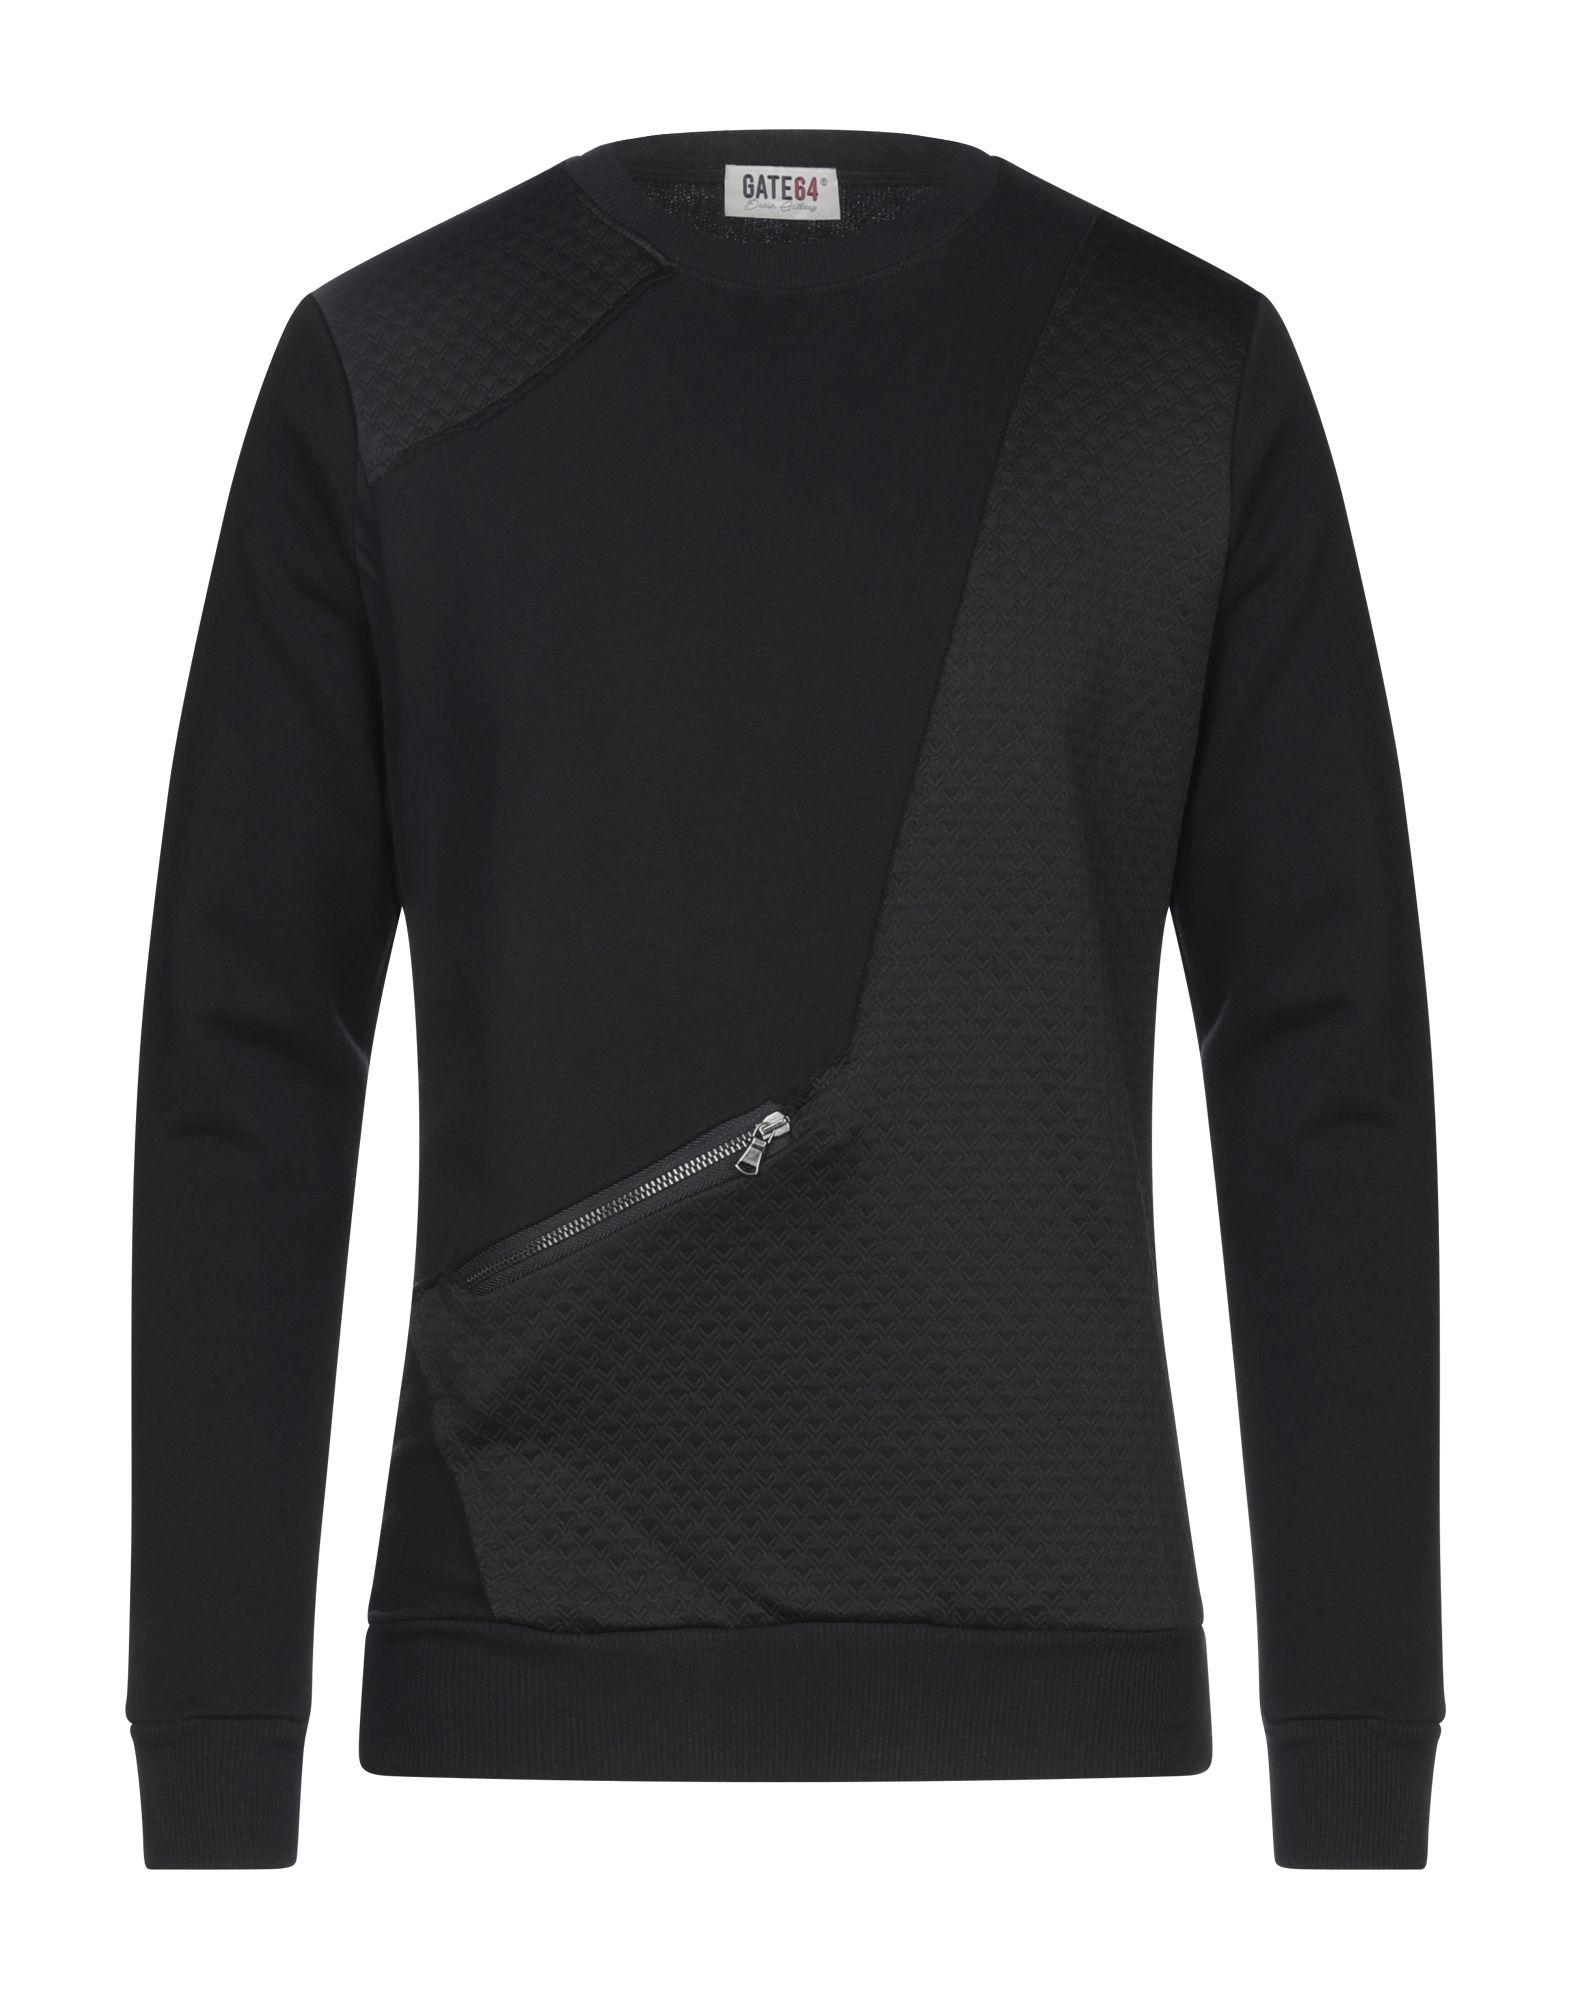 《セール開催中》GATE64 メンズ スウェットシャツ ブラック M コットン 100% / ポリエステル / ポリウレタン